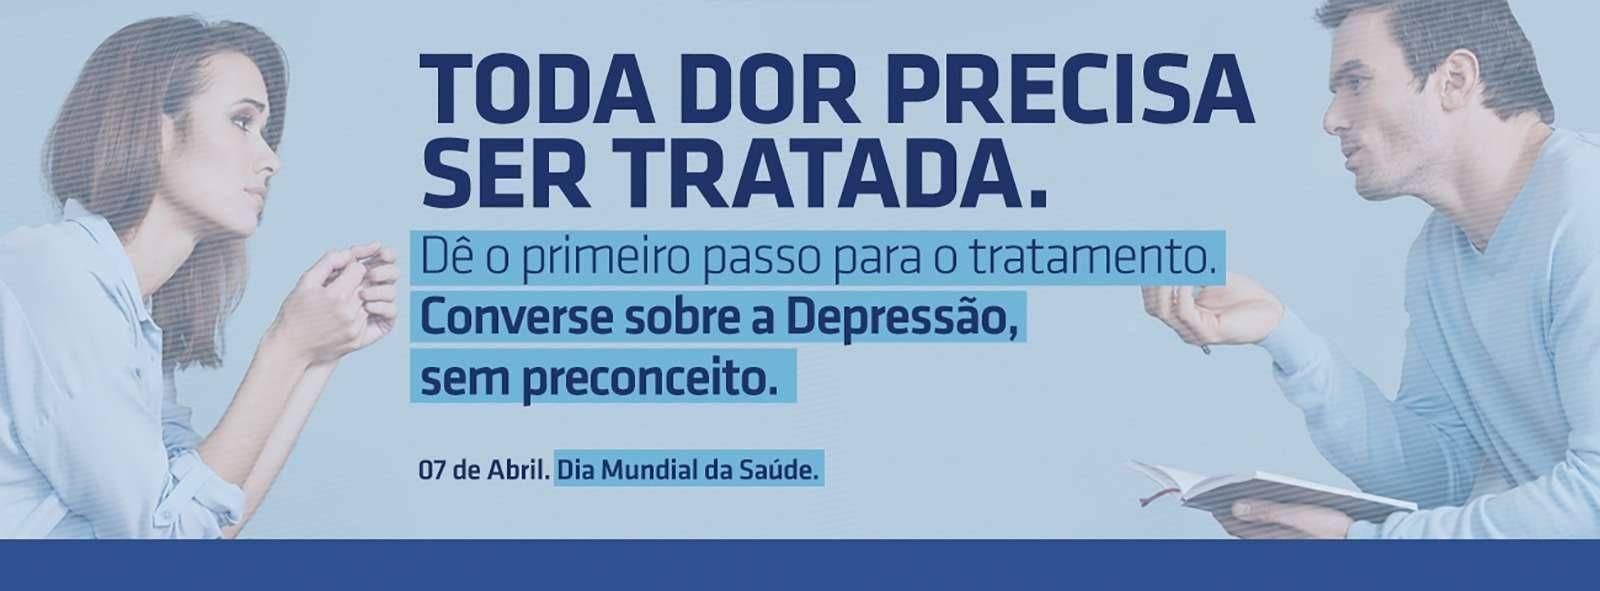 Imagem Destacada - DEPRESSÃO | TODA DOR PRECISA SER TRATADA